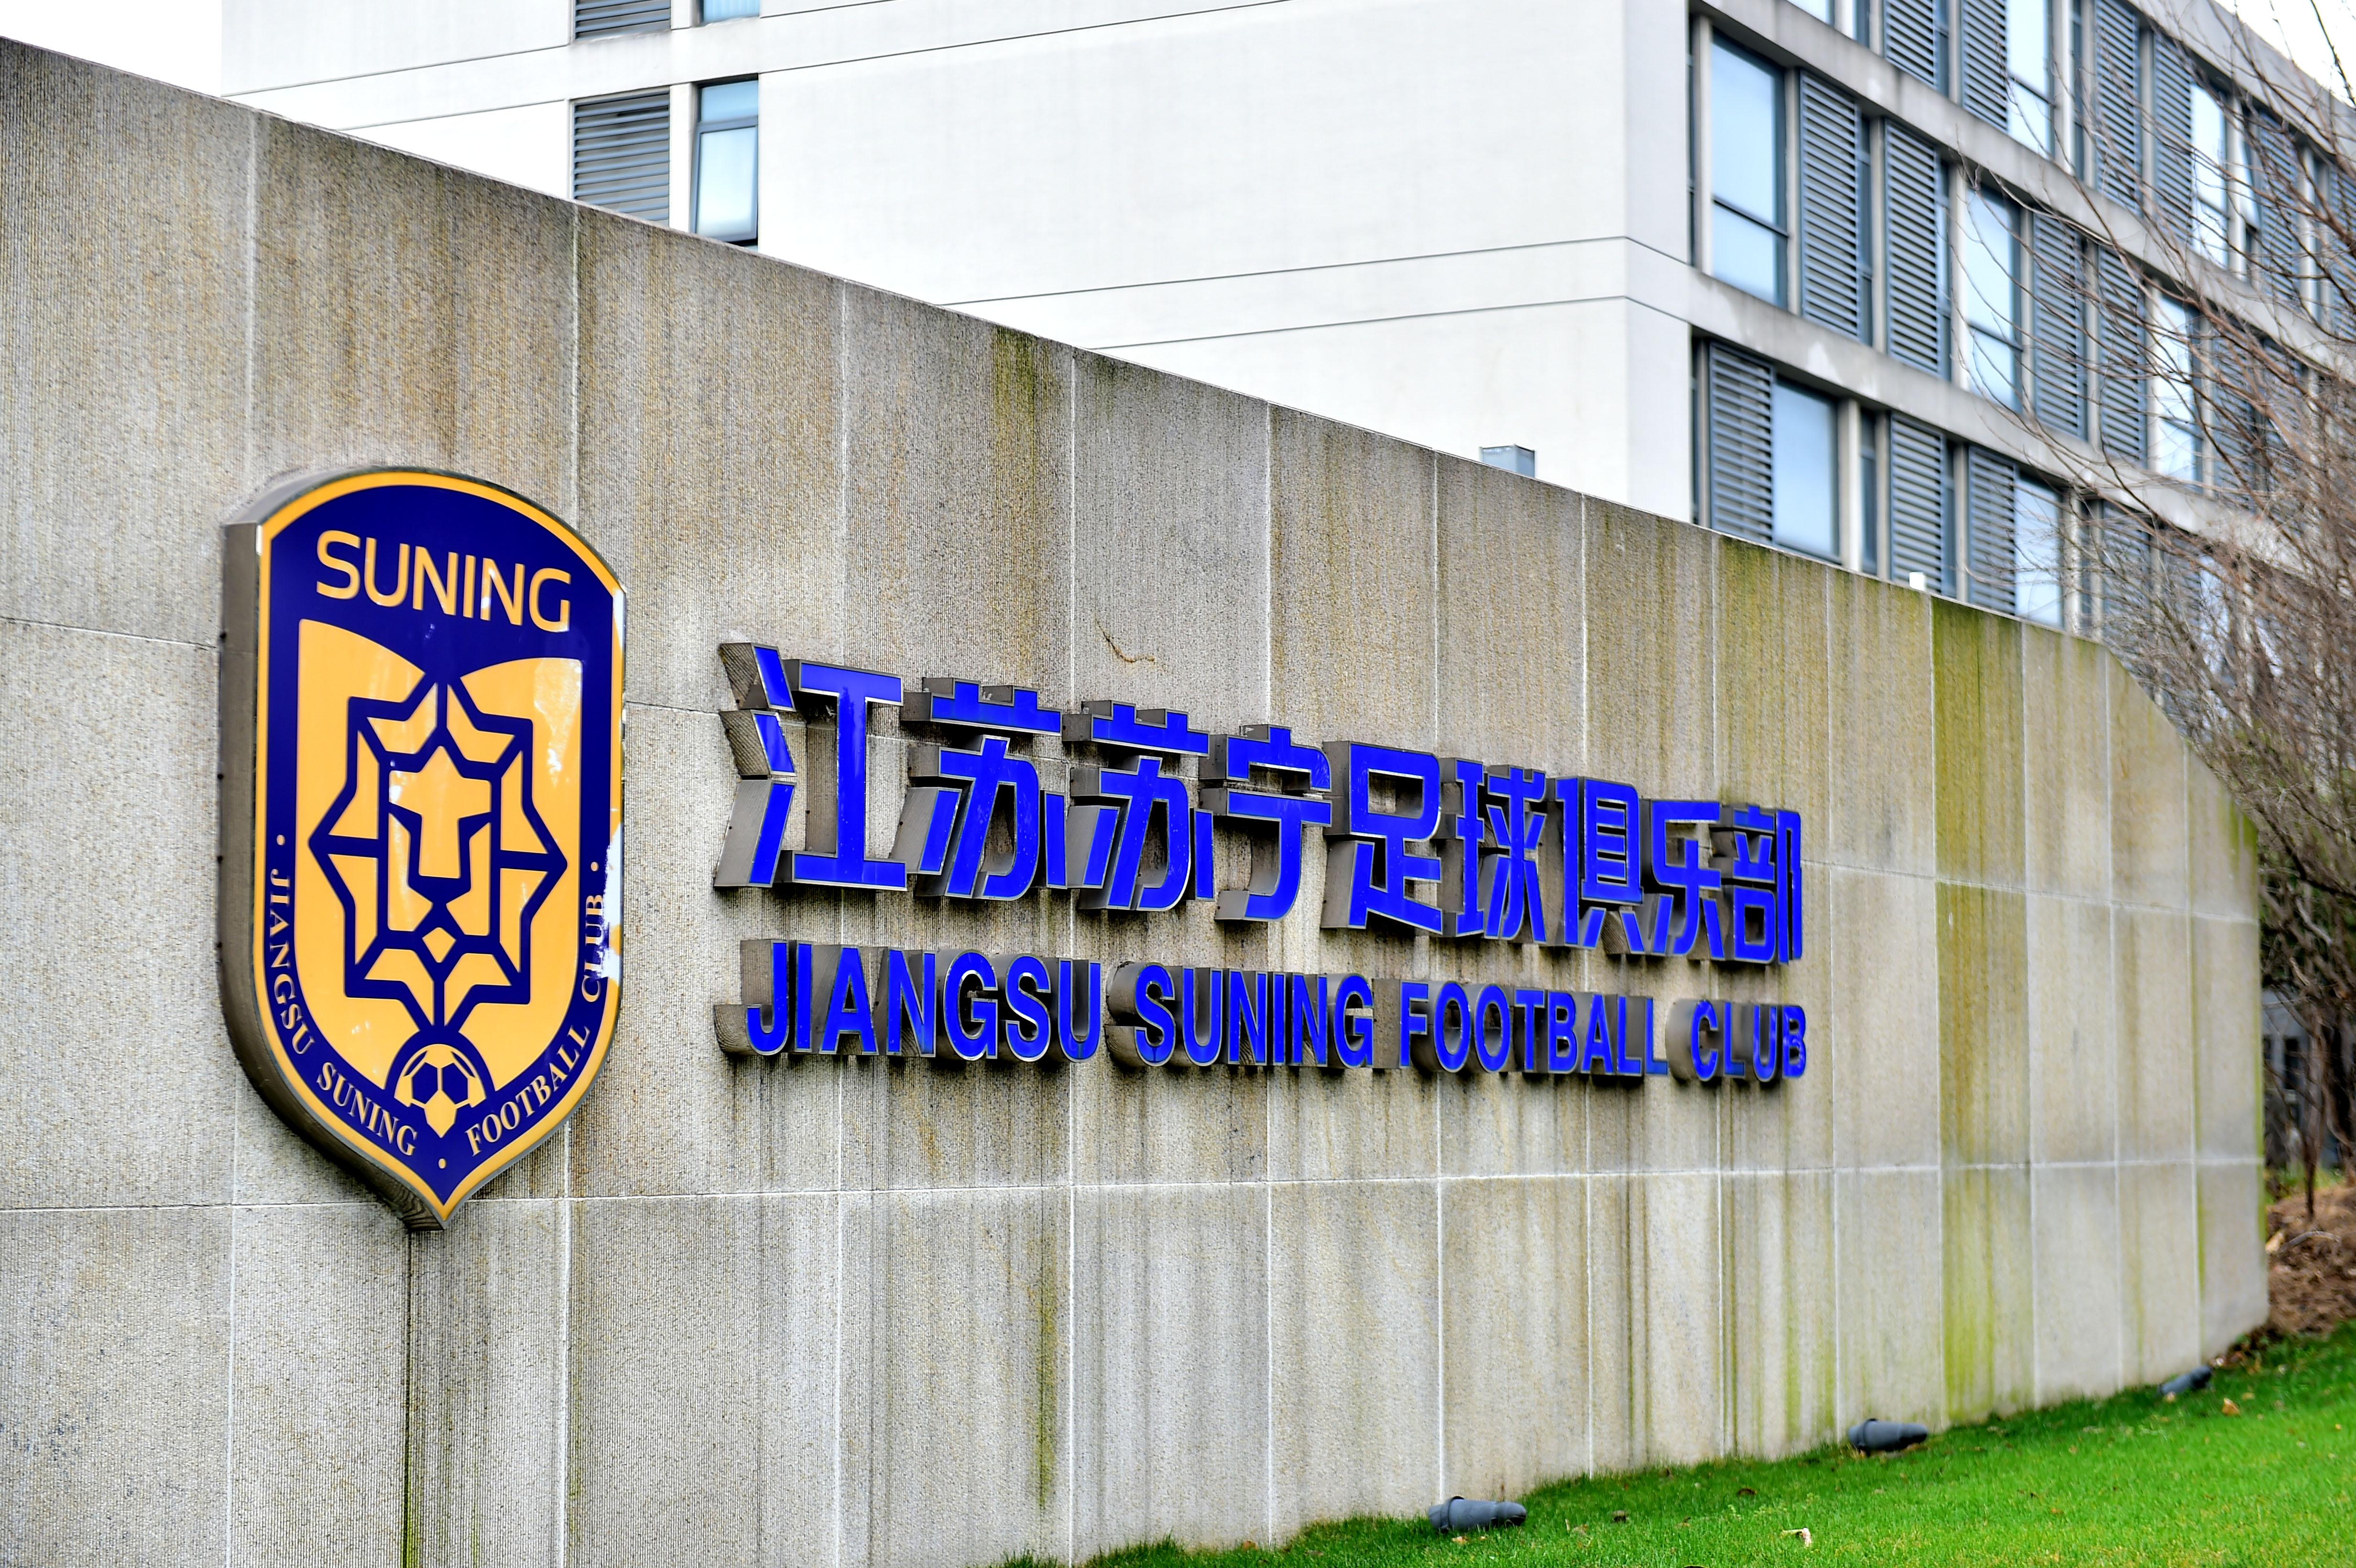 2021年2月27日,江苏南京,江苏苏宁足球训练基地外景。本文图片 人民视觉